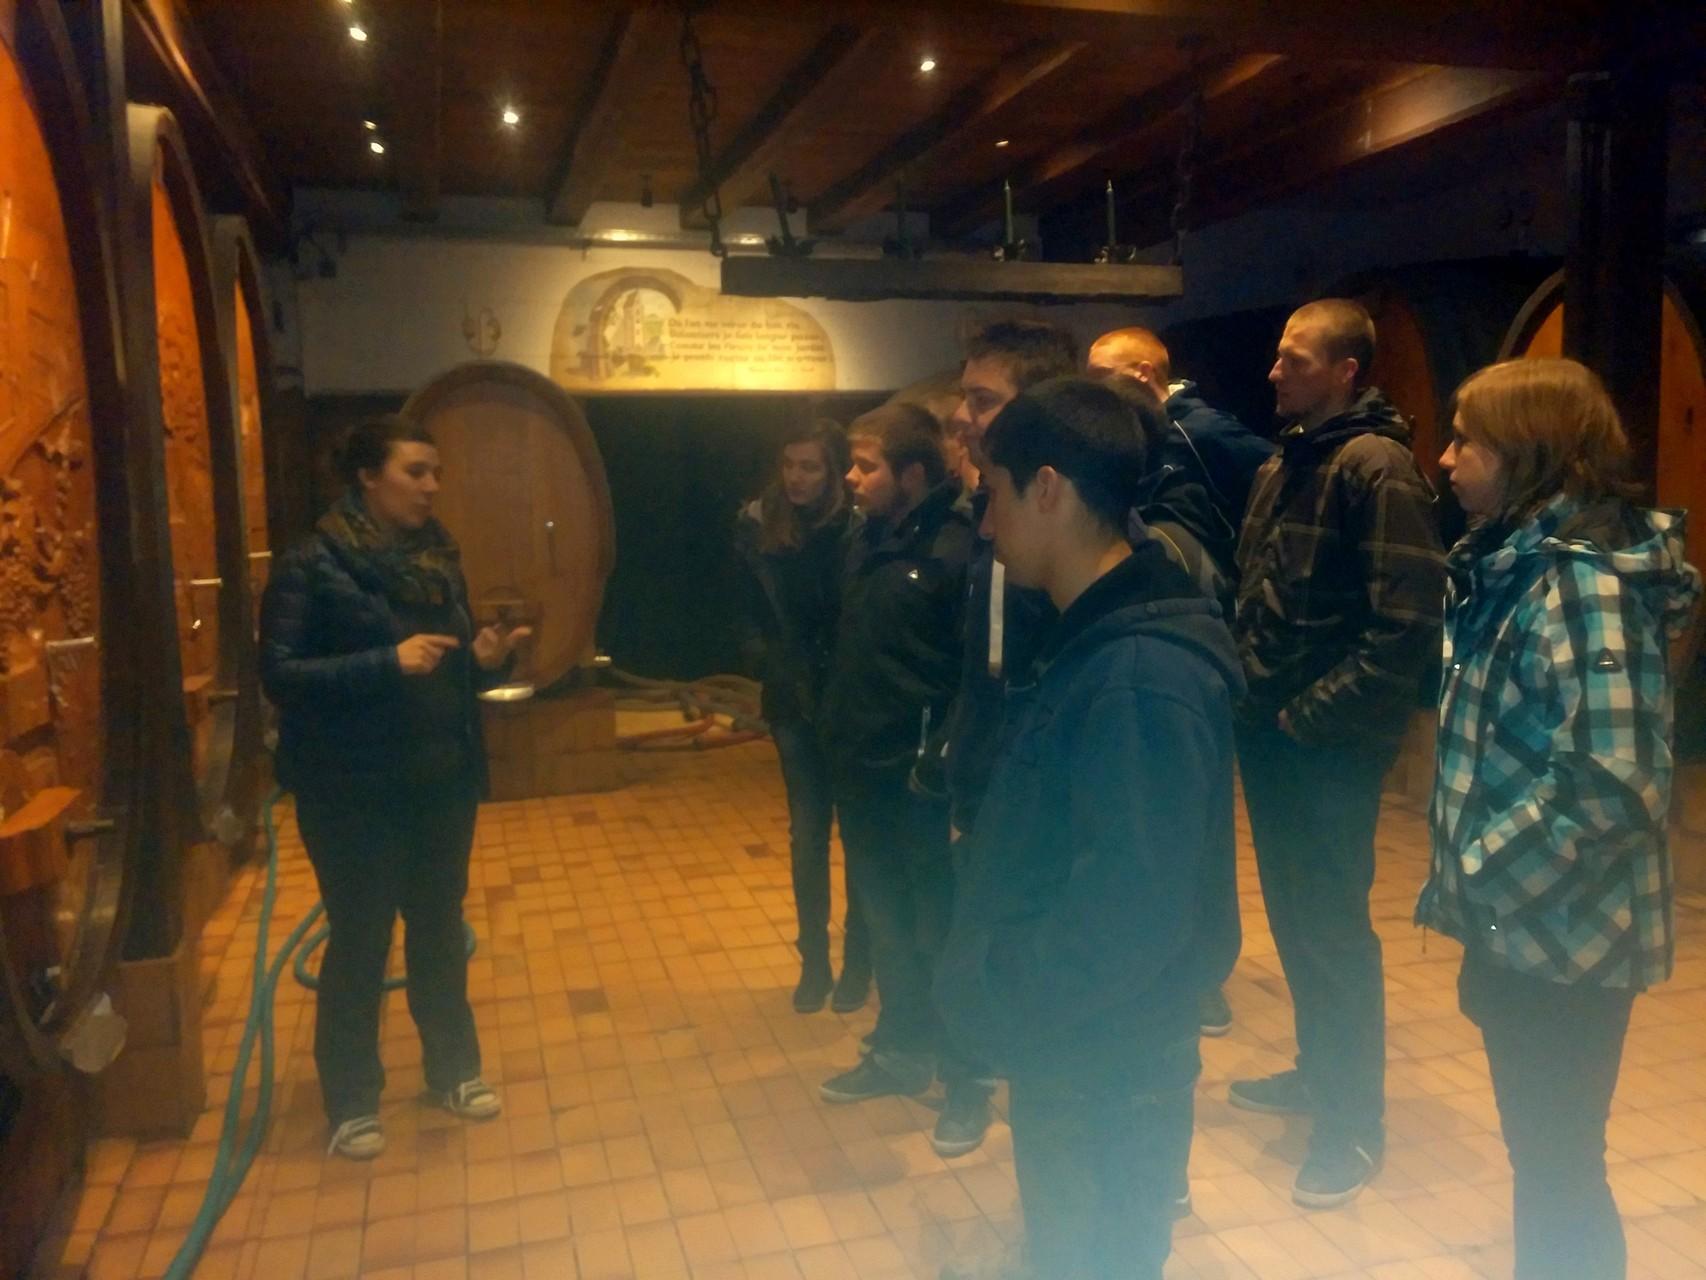 visite-dégustation à la cave Materne Haegelin et filles à Orschwihr